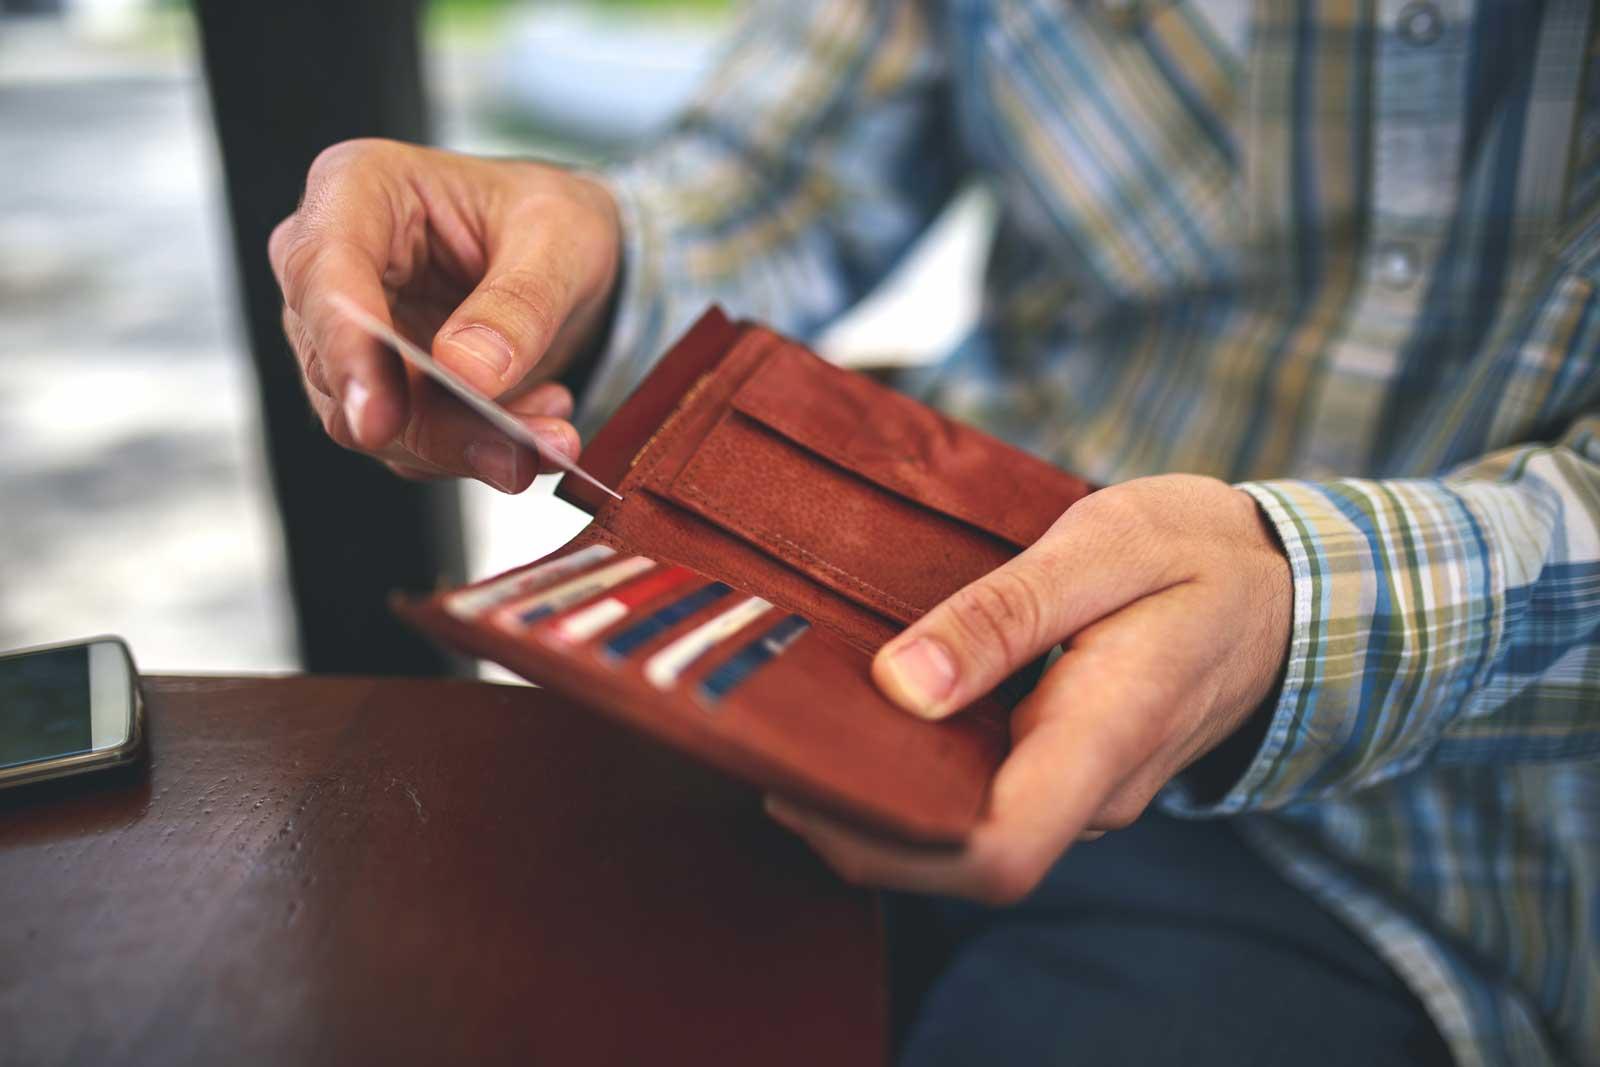 Klassisch: Brieftasche für Bargeld und Karten